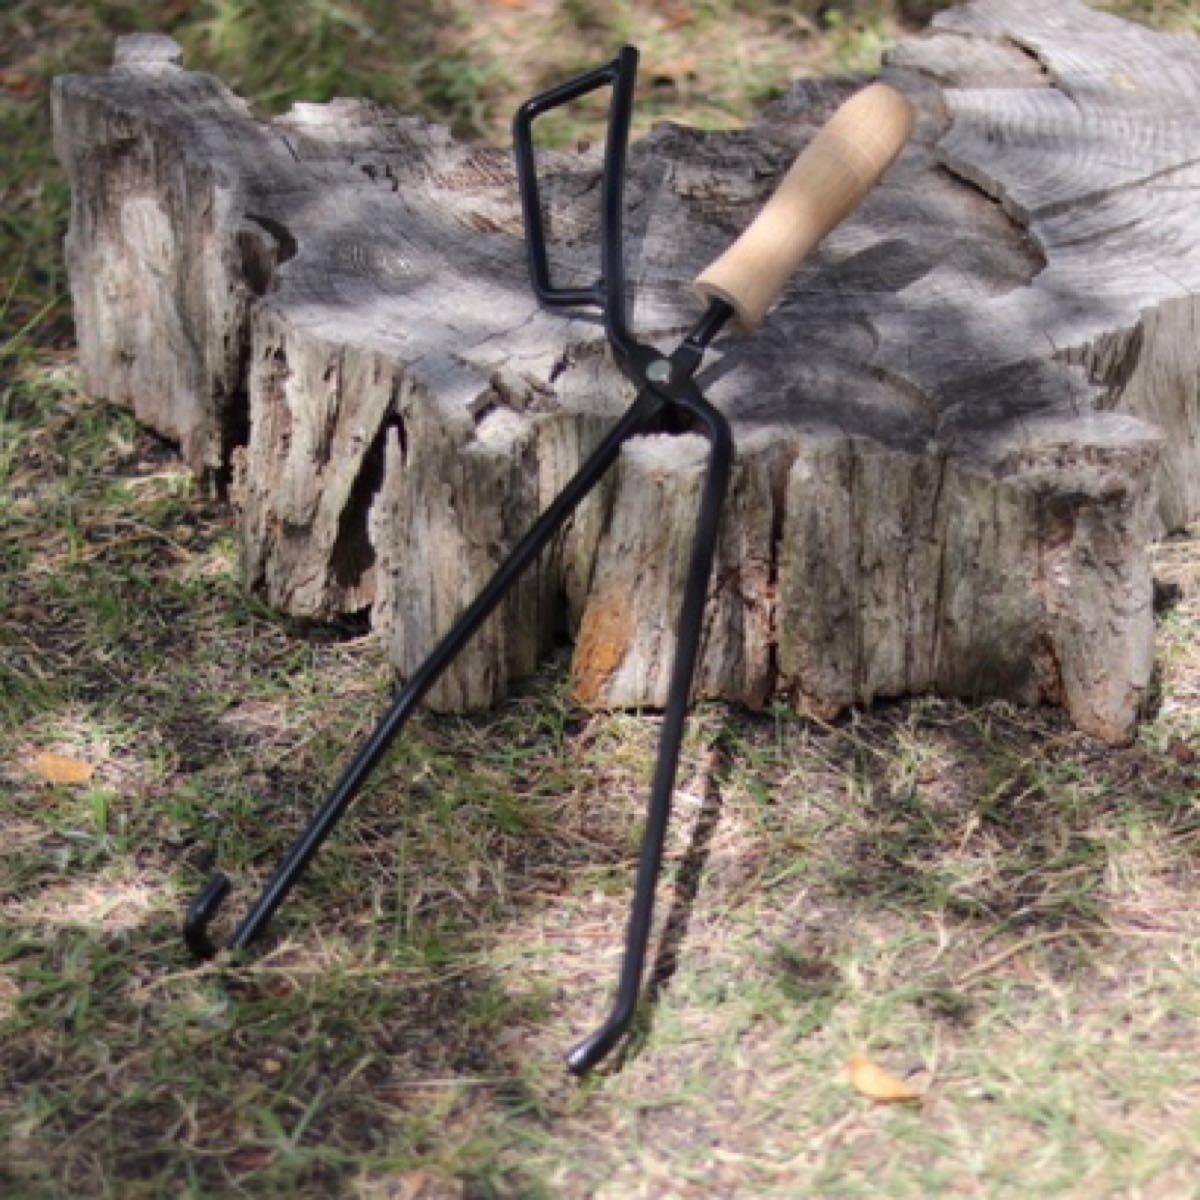 薪ばさみ 火ばさみ 焚き火 ソロキャンプ キャンプ アウトドア